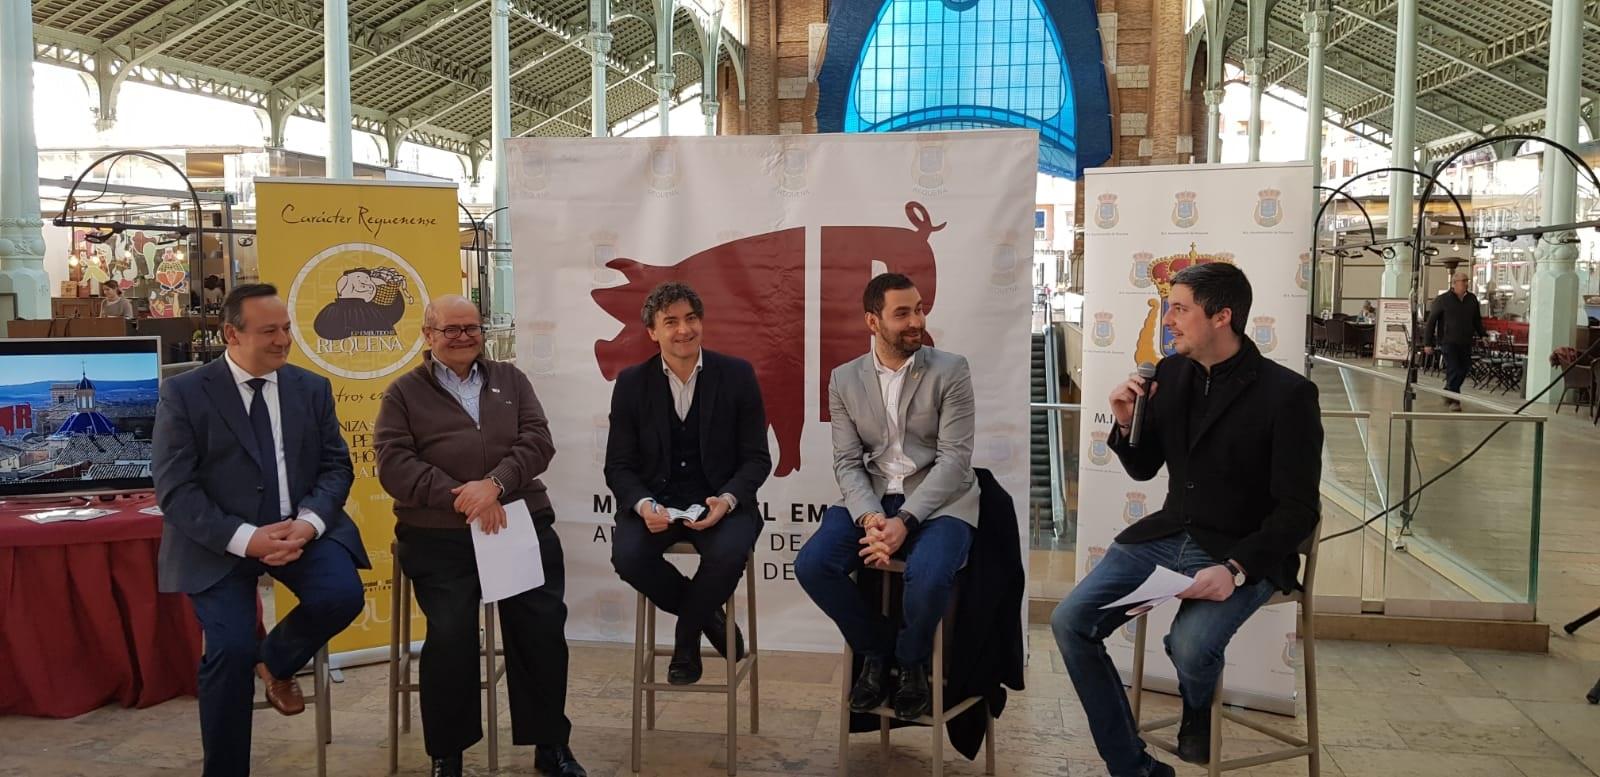 Colore ha participado en la presentación de la XXVI Muestra del Embutido Artesano y de Calidad de Requena con el alcalde de Requena y el presidente de la Asociación del Embutido de Requena.